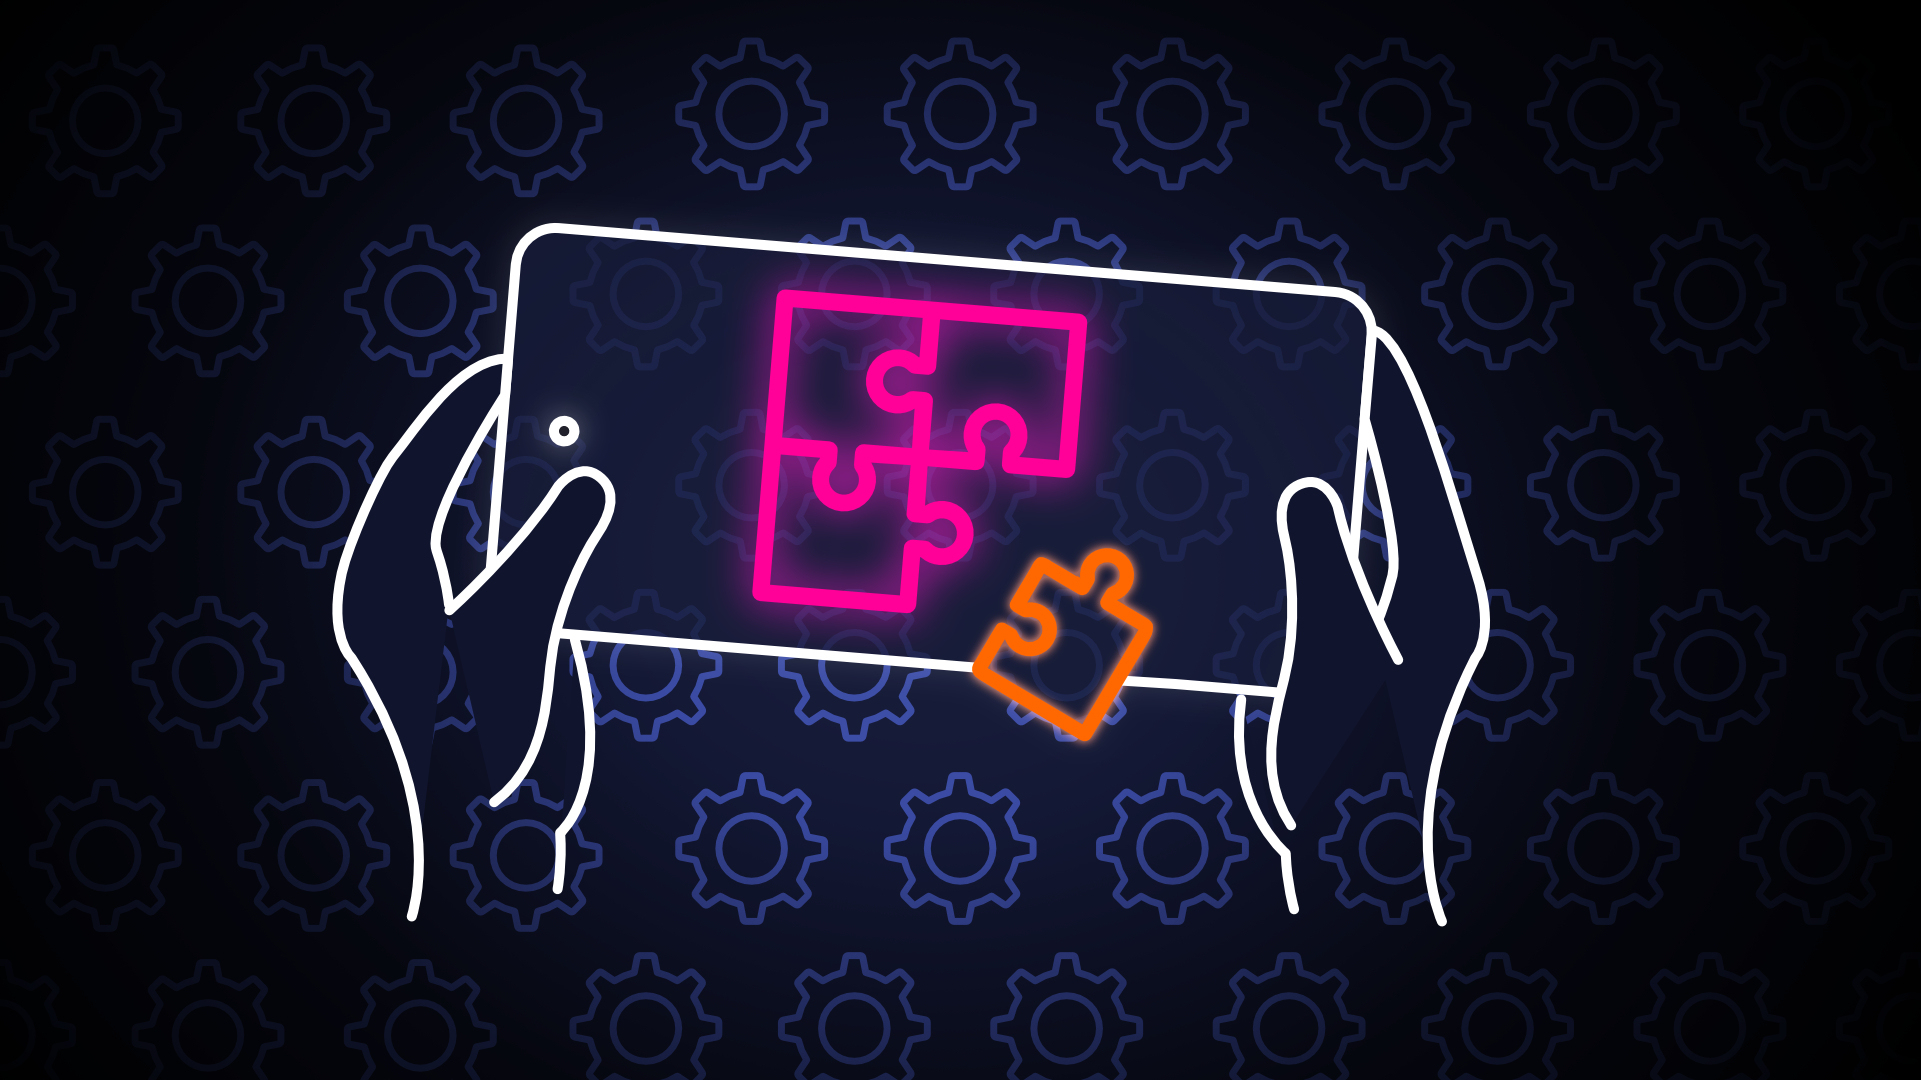 Les Meilleurs Jeux De Réflexion Gratuits Et Payants Sur Android encequiconcerne Puzzles Gratuits Sans Téléchargement